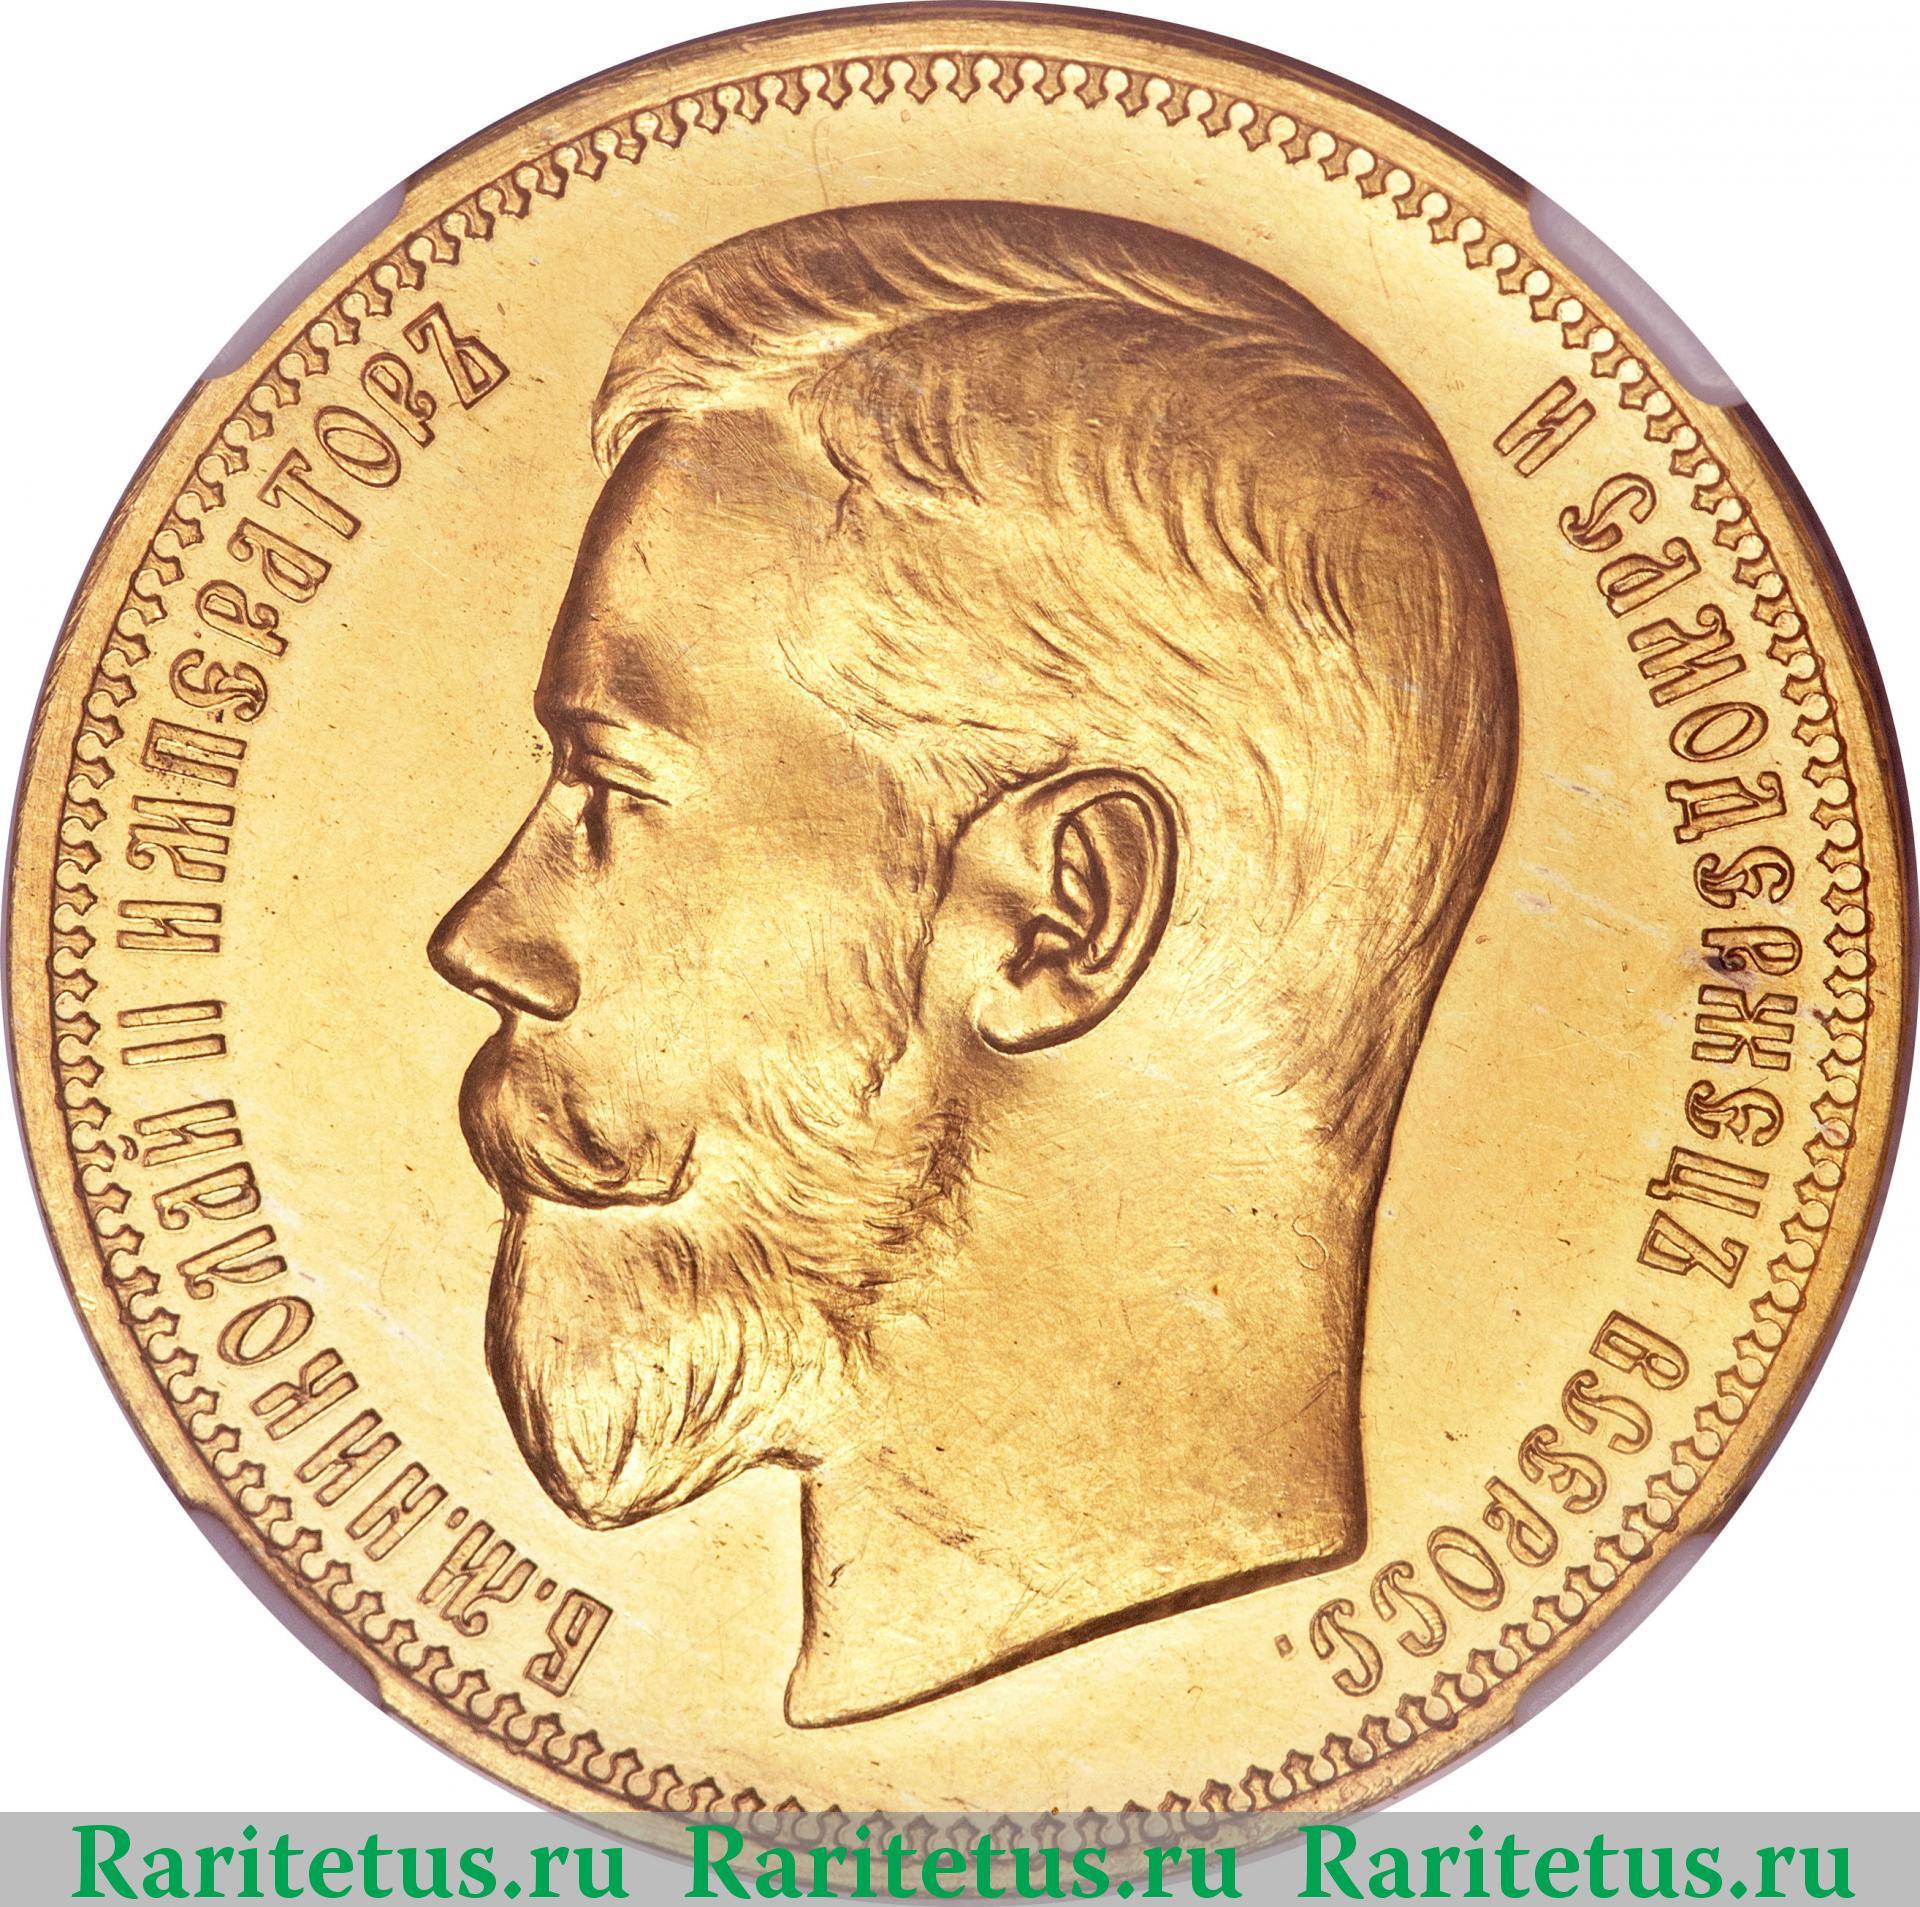 Фото николая монеты продам редкие монеты